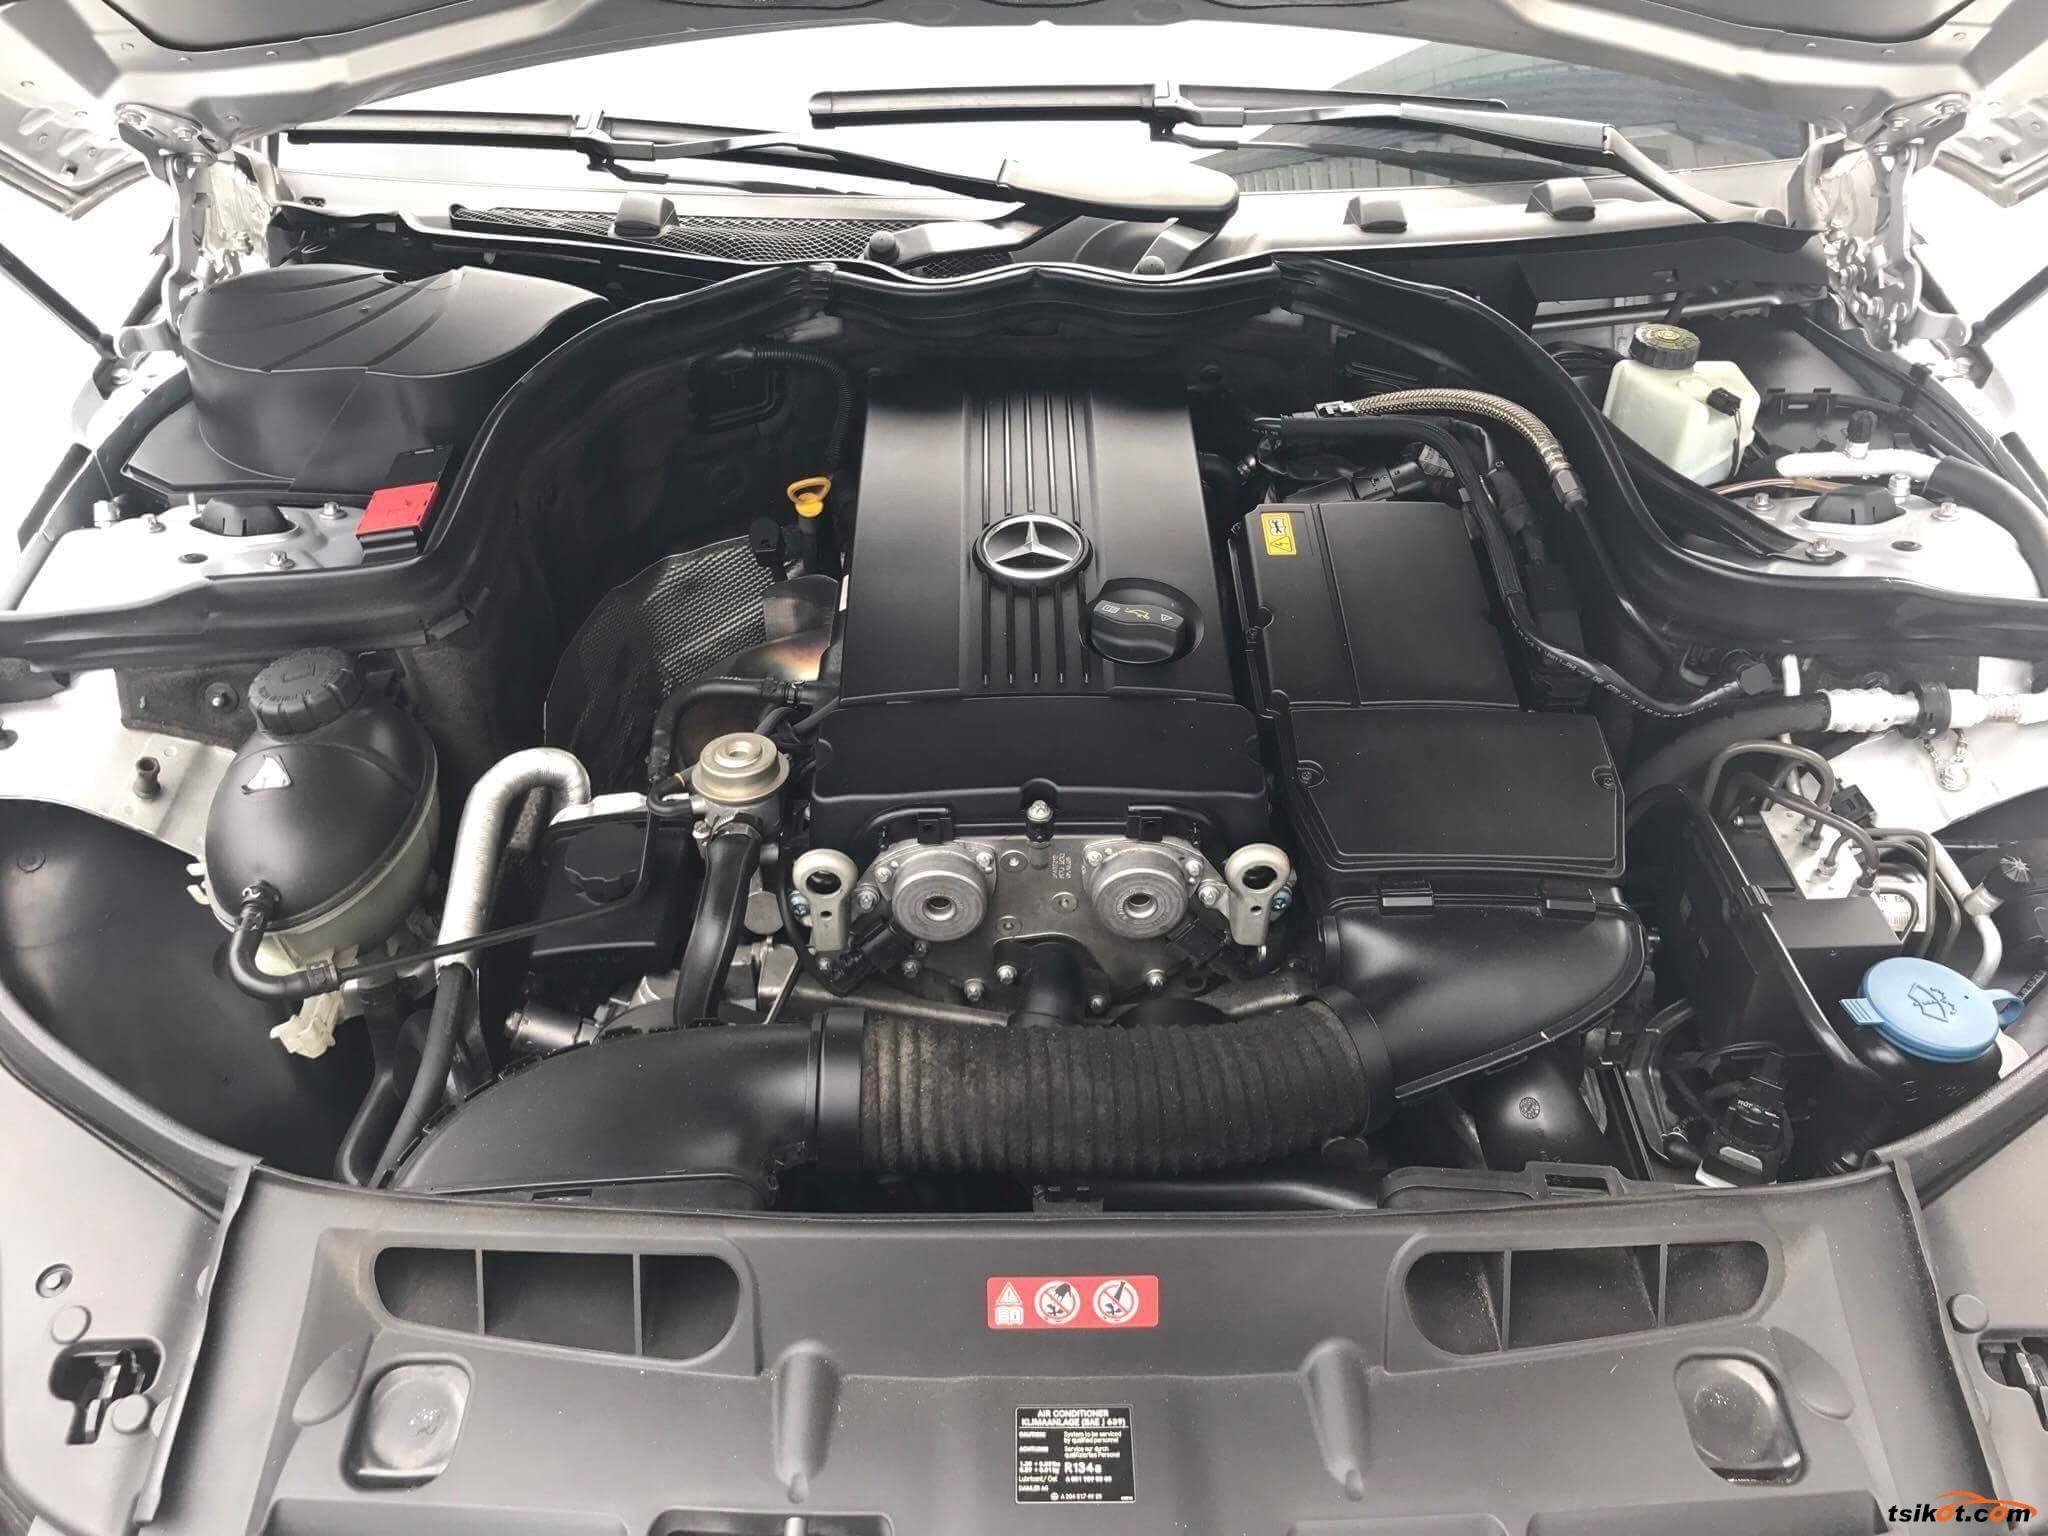 Mercedes-Benz C-Class 2010 - 4